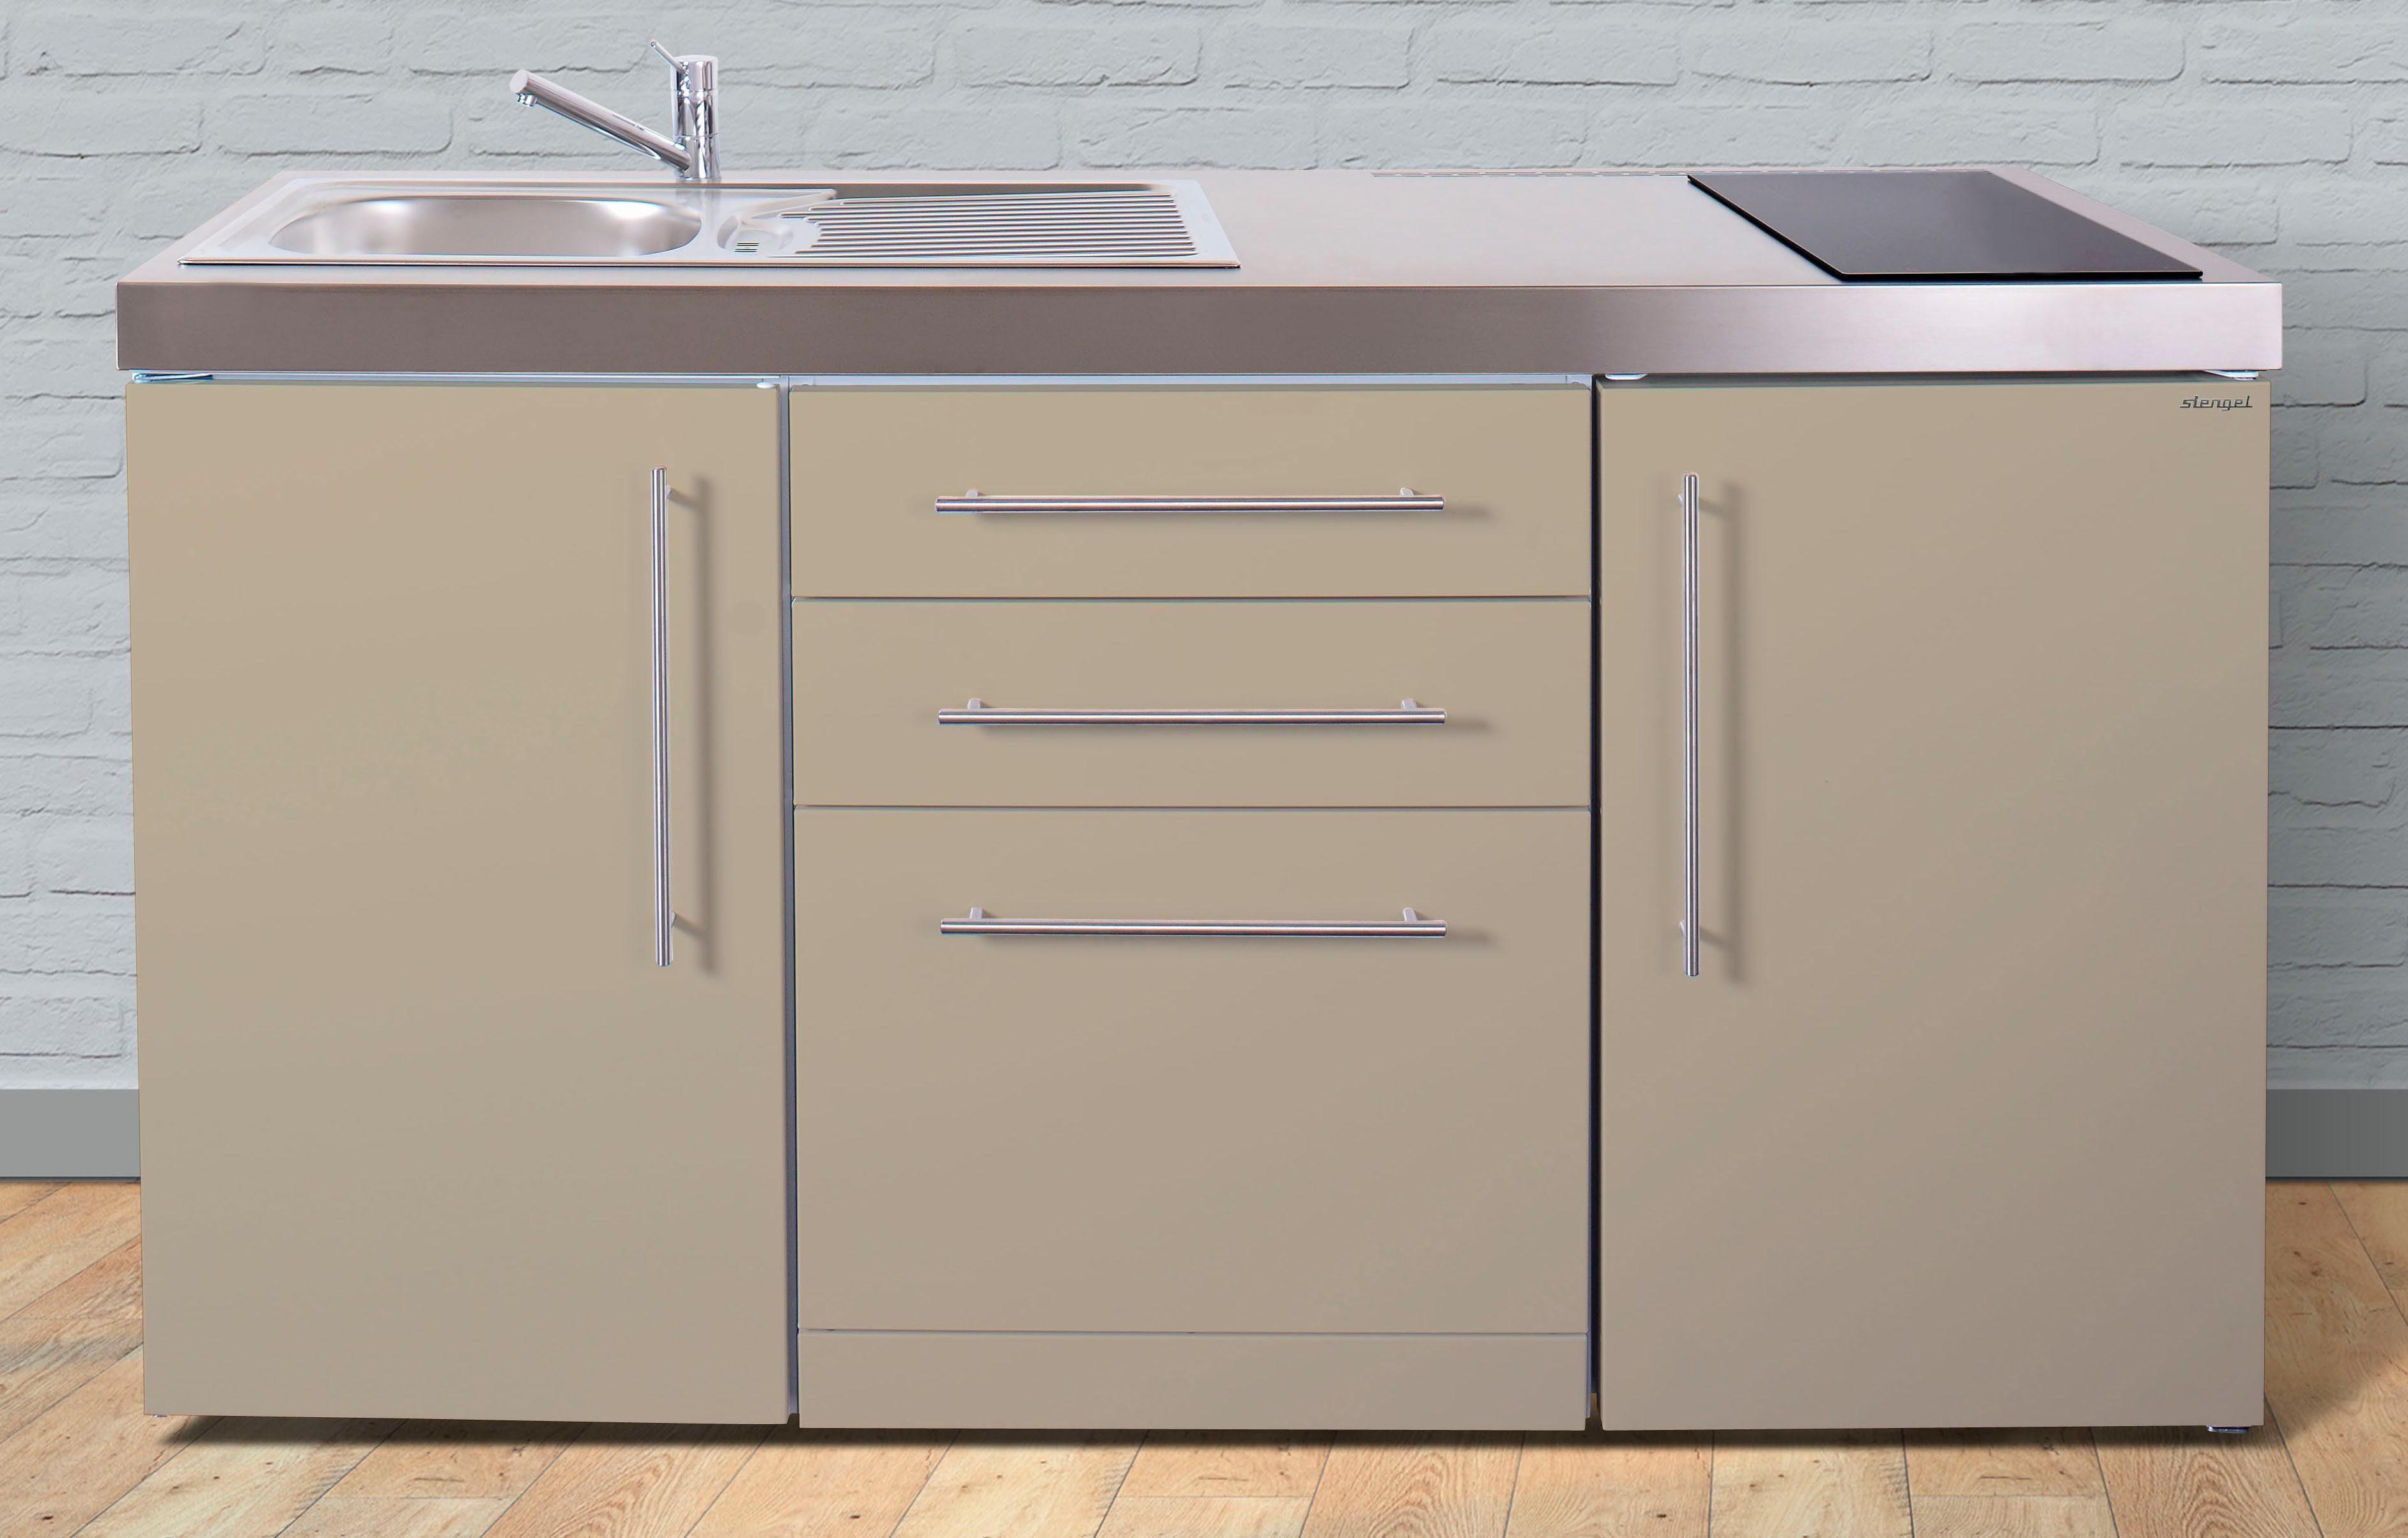 Miniküche Mit Kühlschrank 90 Cm : Singleküche miniküchen online kaufen otto